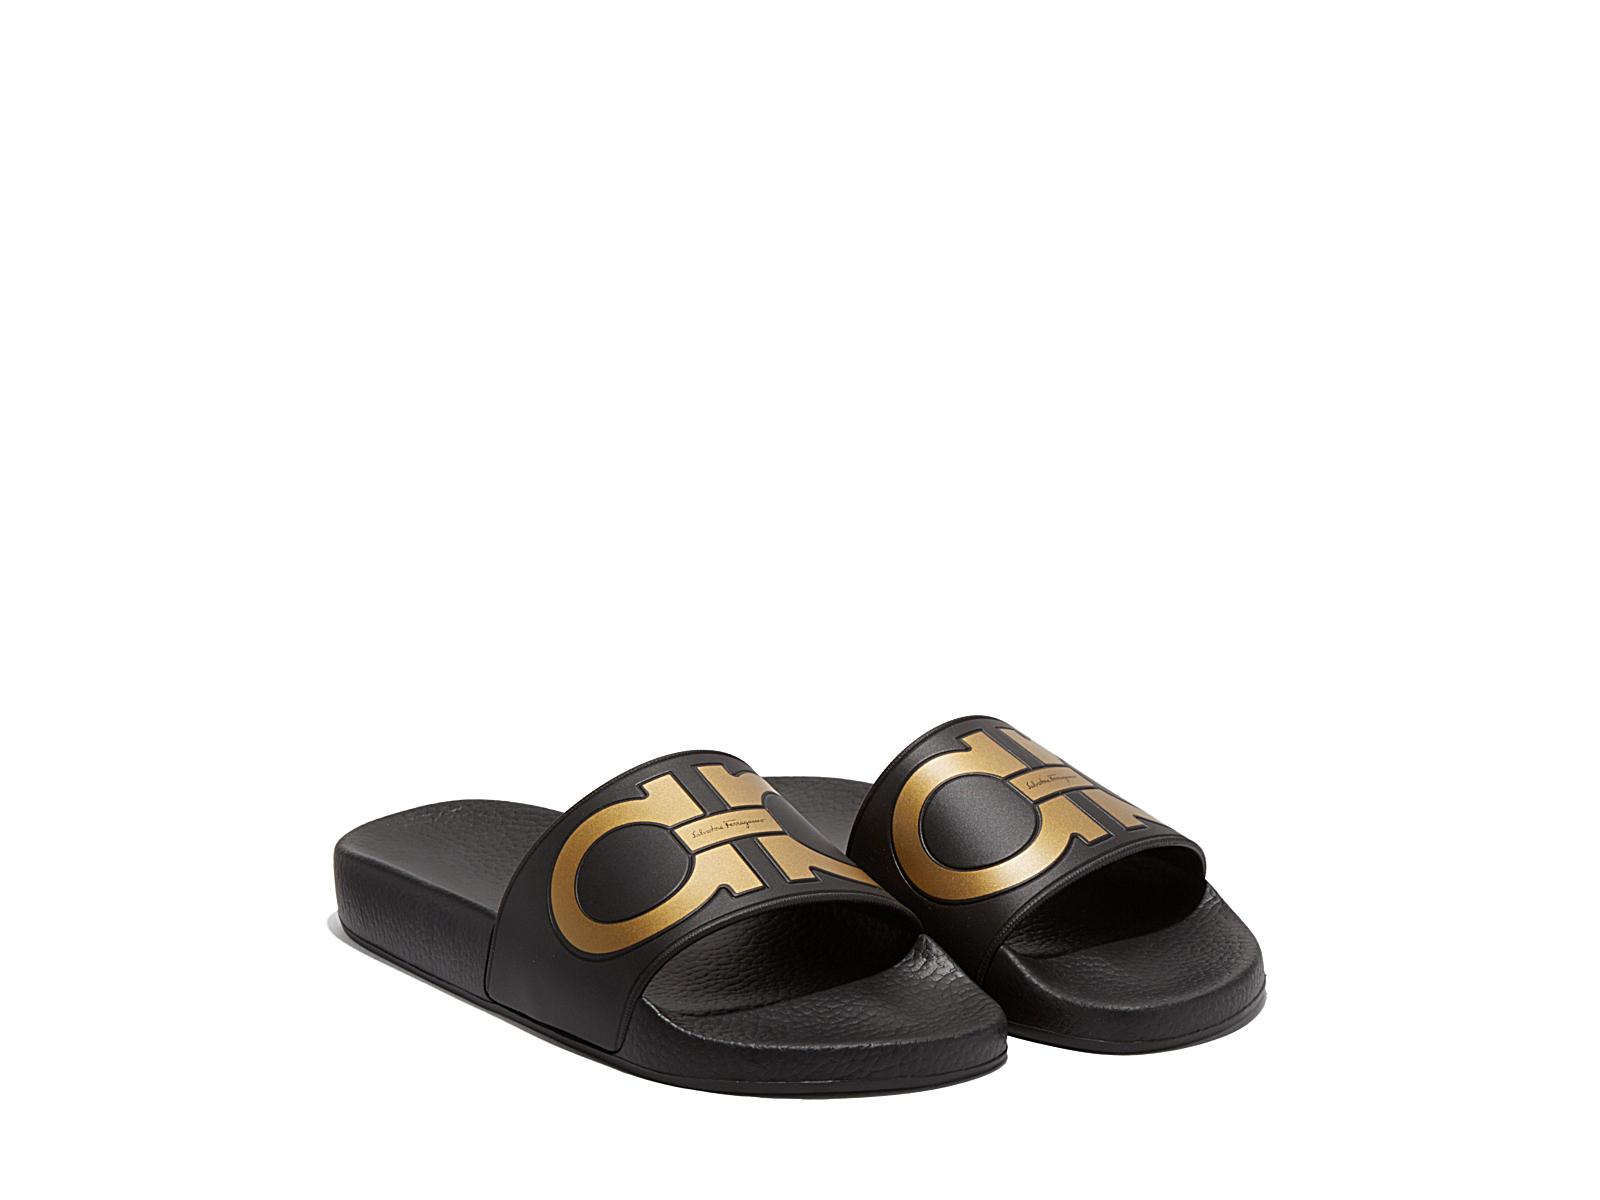 Chloe Black Bag Ferragamo Double Gancio Flip Flop in Black (Black/Gold) | Lyst